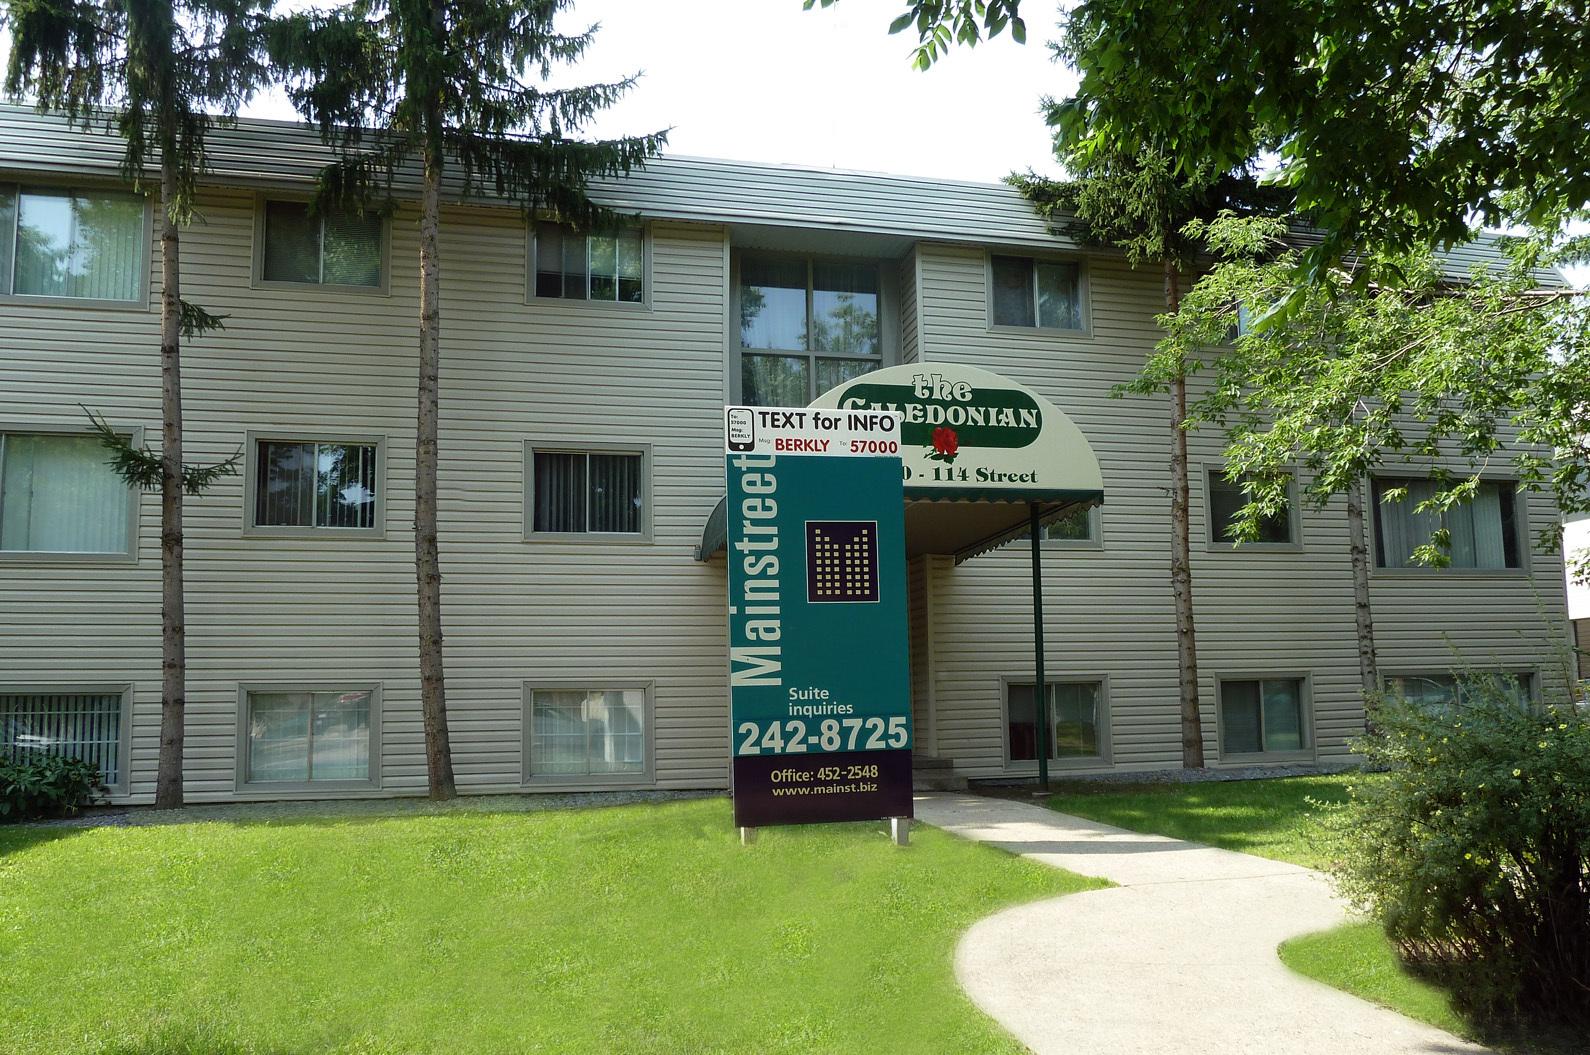 10810 114 Street NW, Edmonton, AB - $950